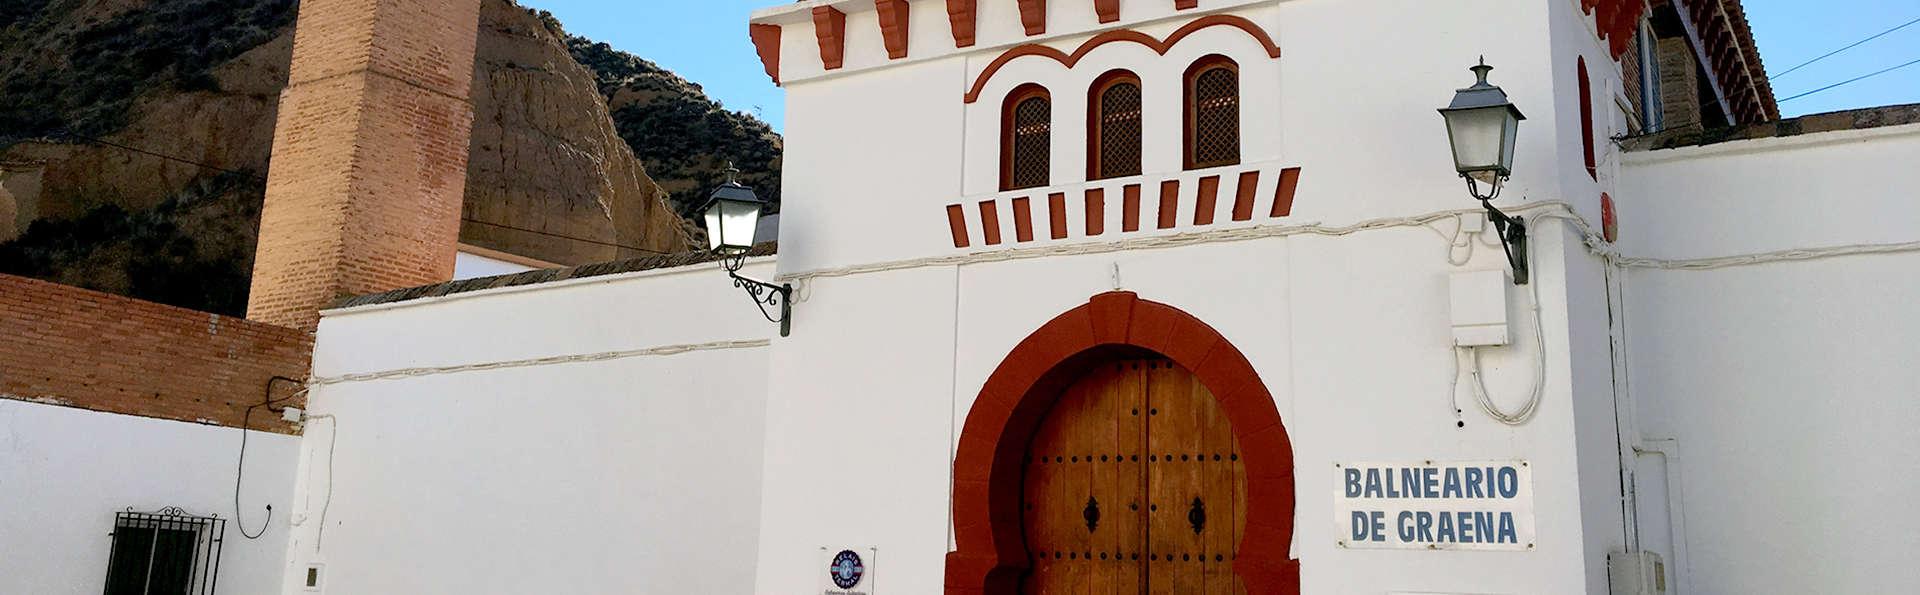 Hotel Balneario de Graena - Edit_Front.jpg